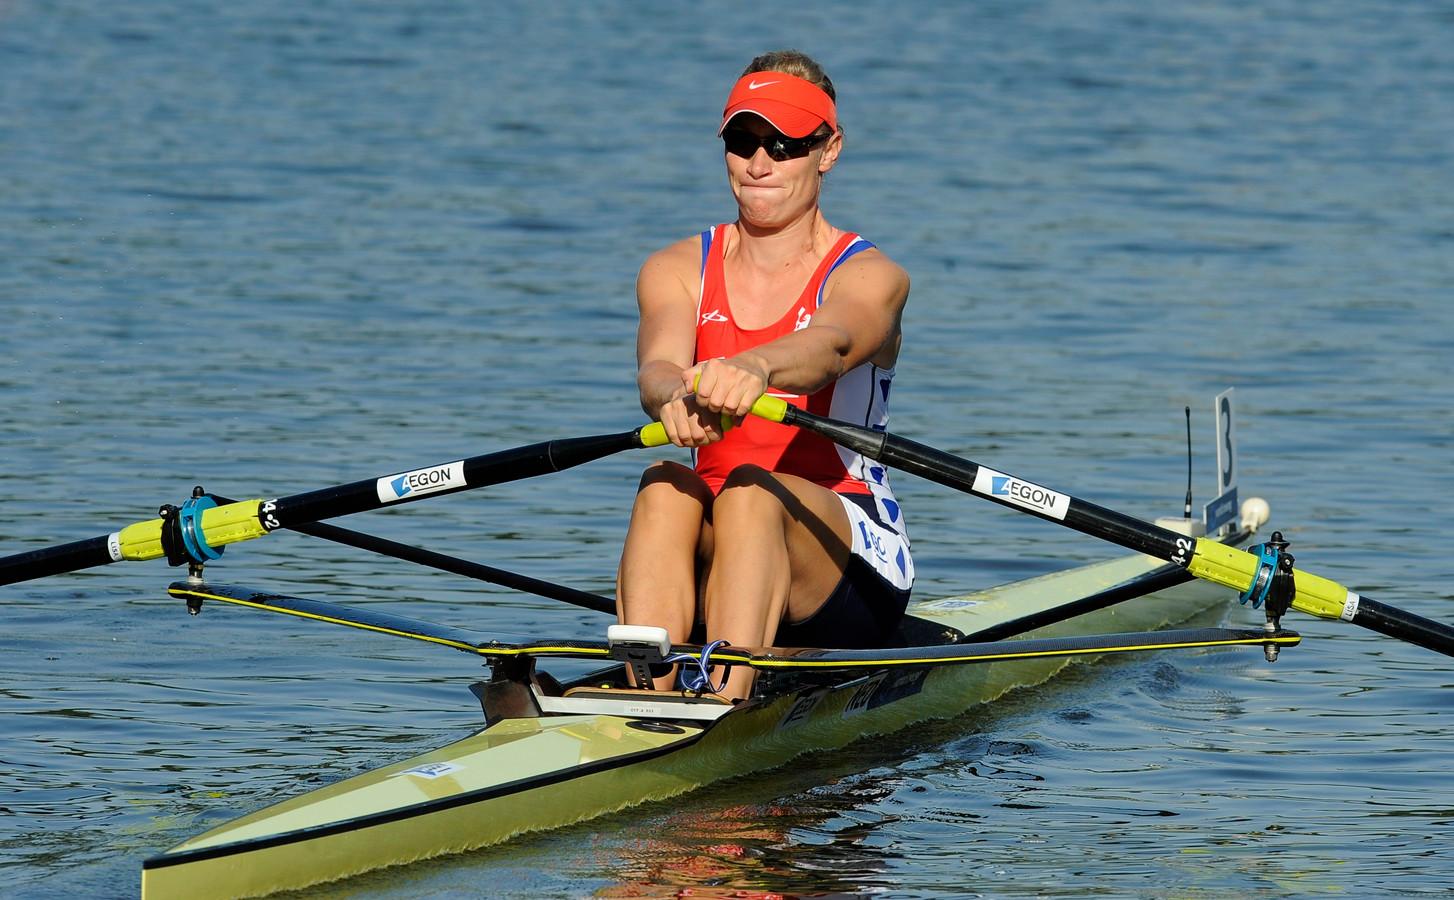 Lisa Scheenaard.